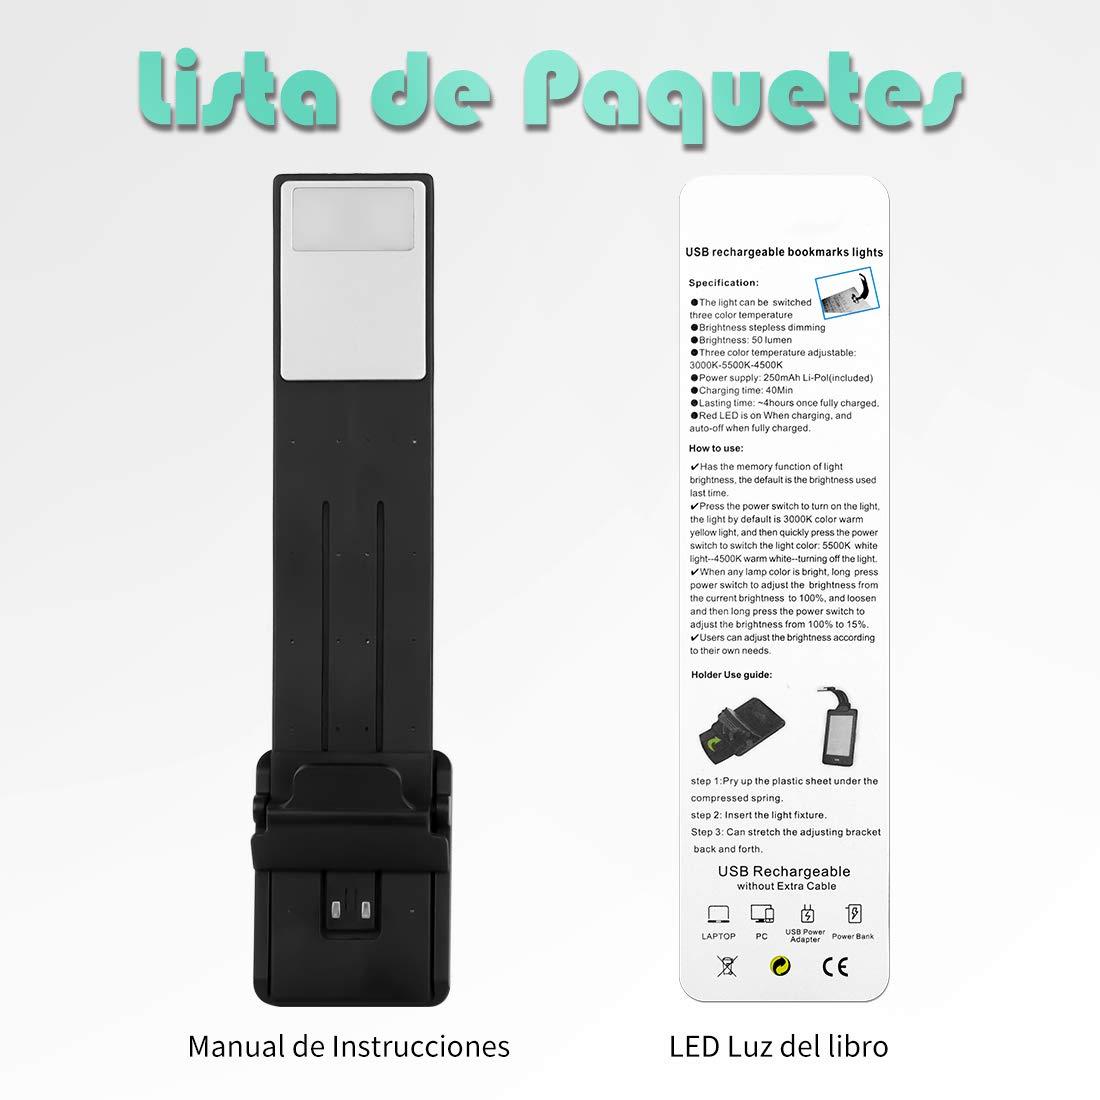 Gocheer Led mini lampada da lettura clip libro USB Ricaricabile portatile,Luce da lettura a tre colori e luminosità, Flessibile 360 °lampade a led per lettura,,kindle,leggere a letto,bambini